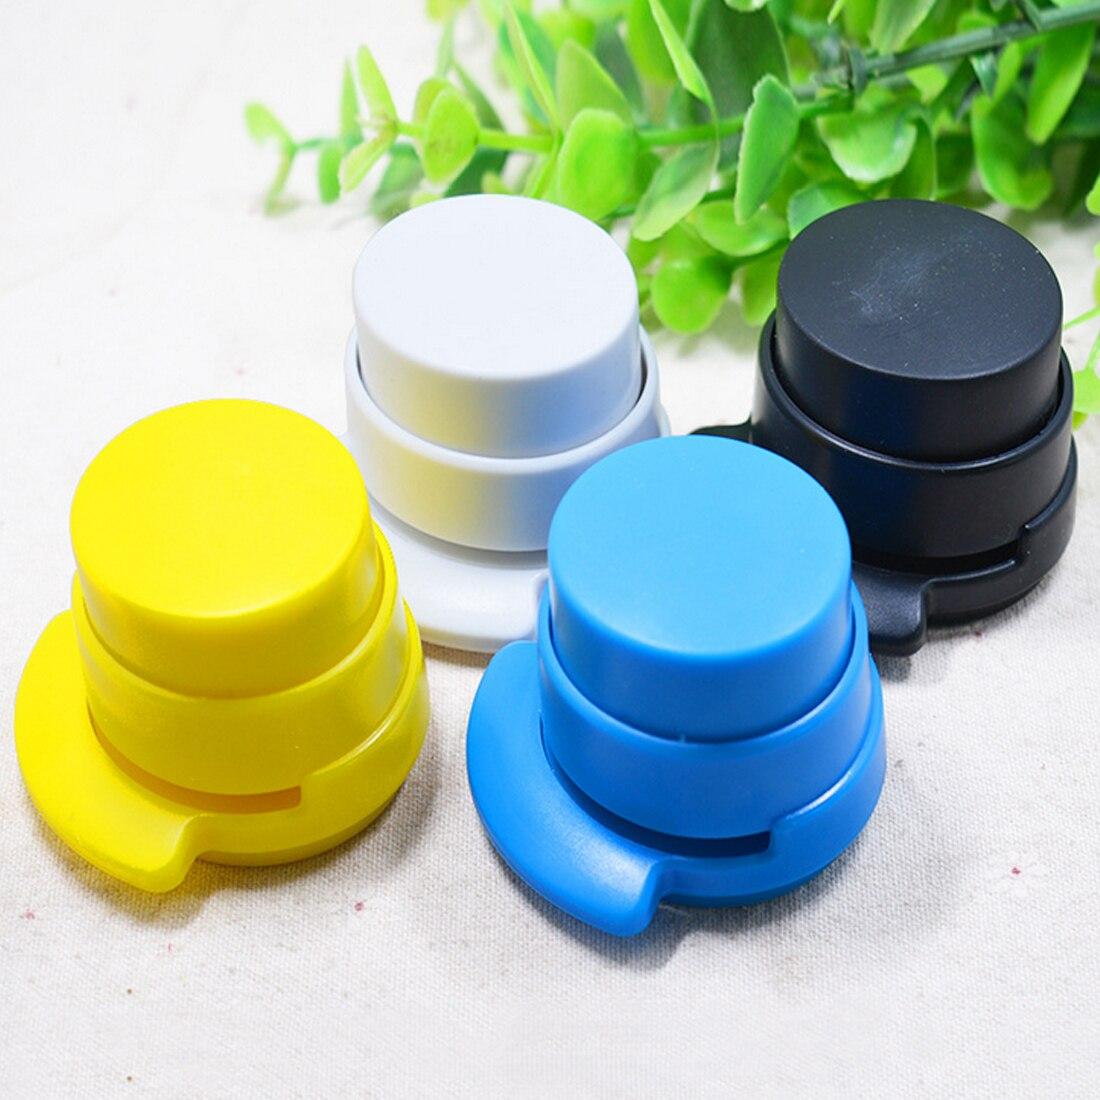 FangNymph Home Paper Office Home Staple Stapleless Stapler Paper Binding Binder Paperclip Mini Stapleless Stapler